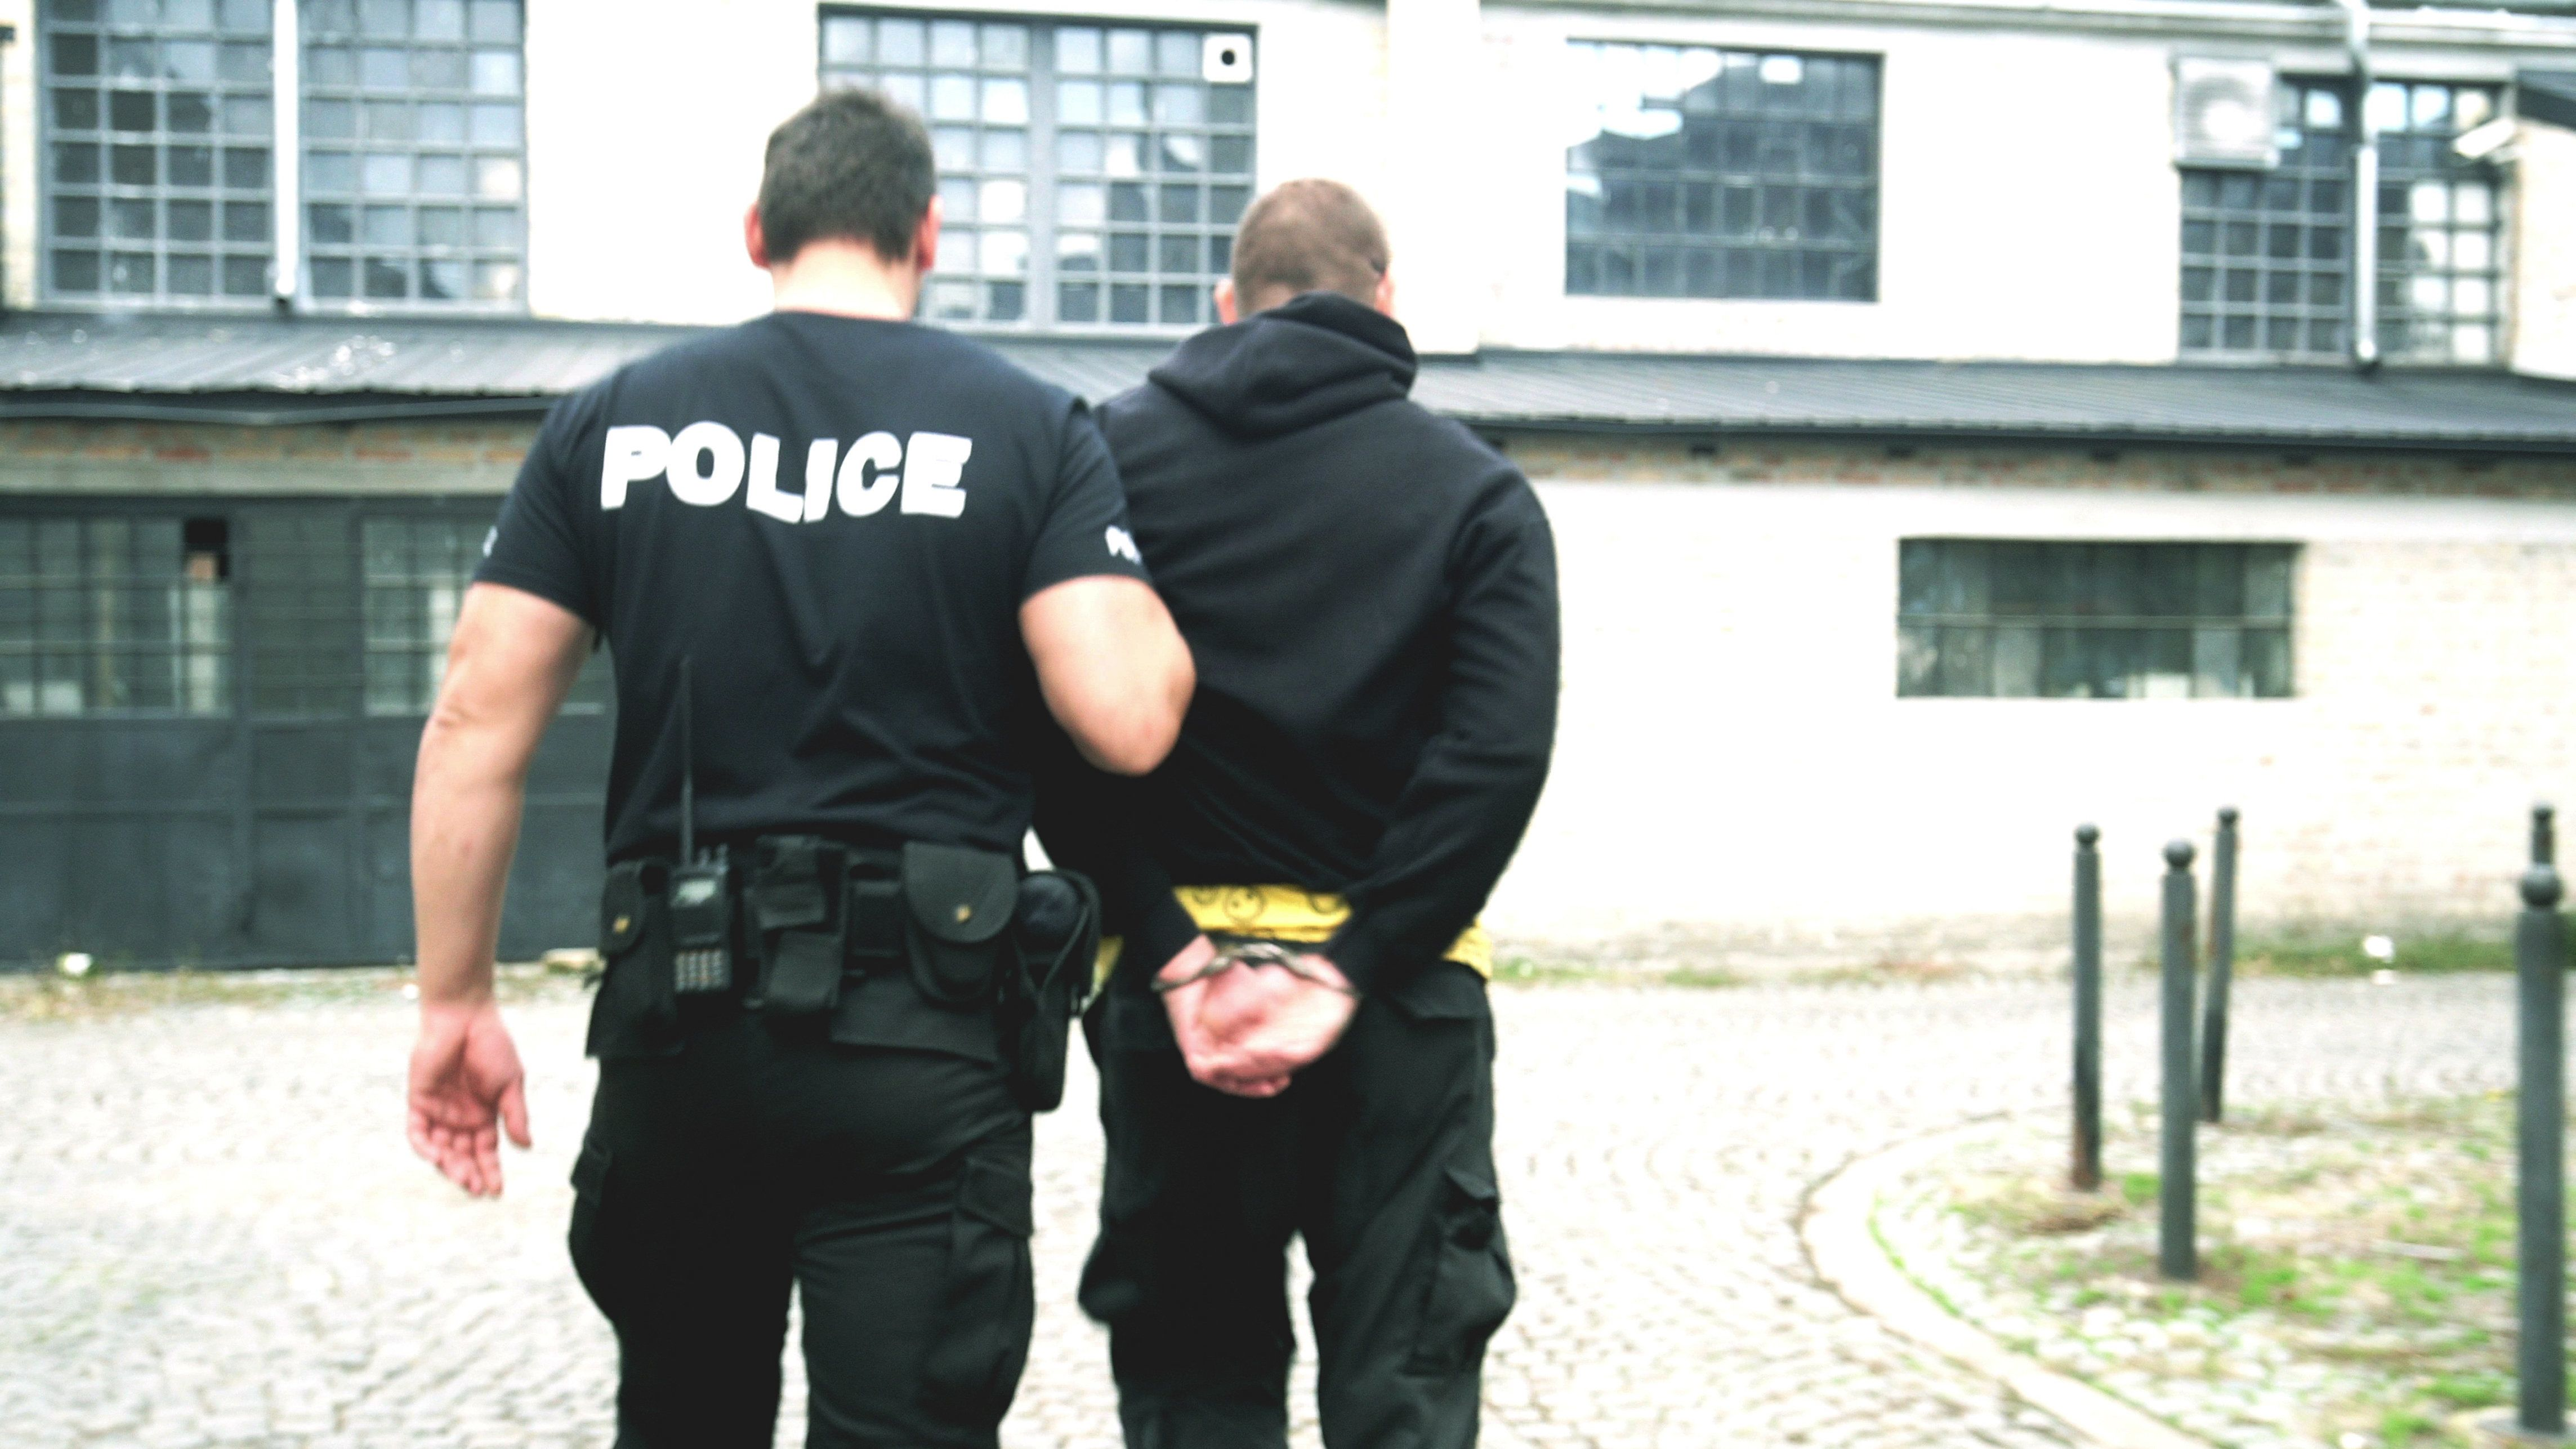 Police Custody Deaths Reaches Highest Level For A